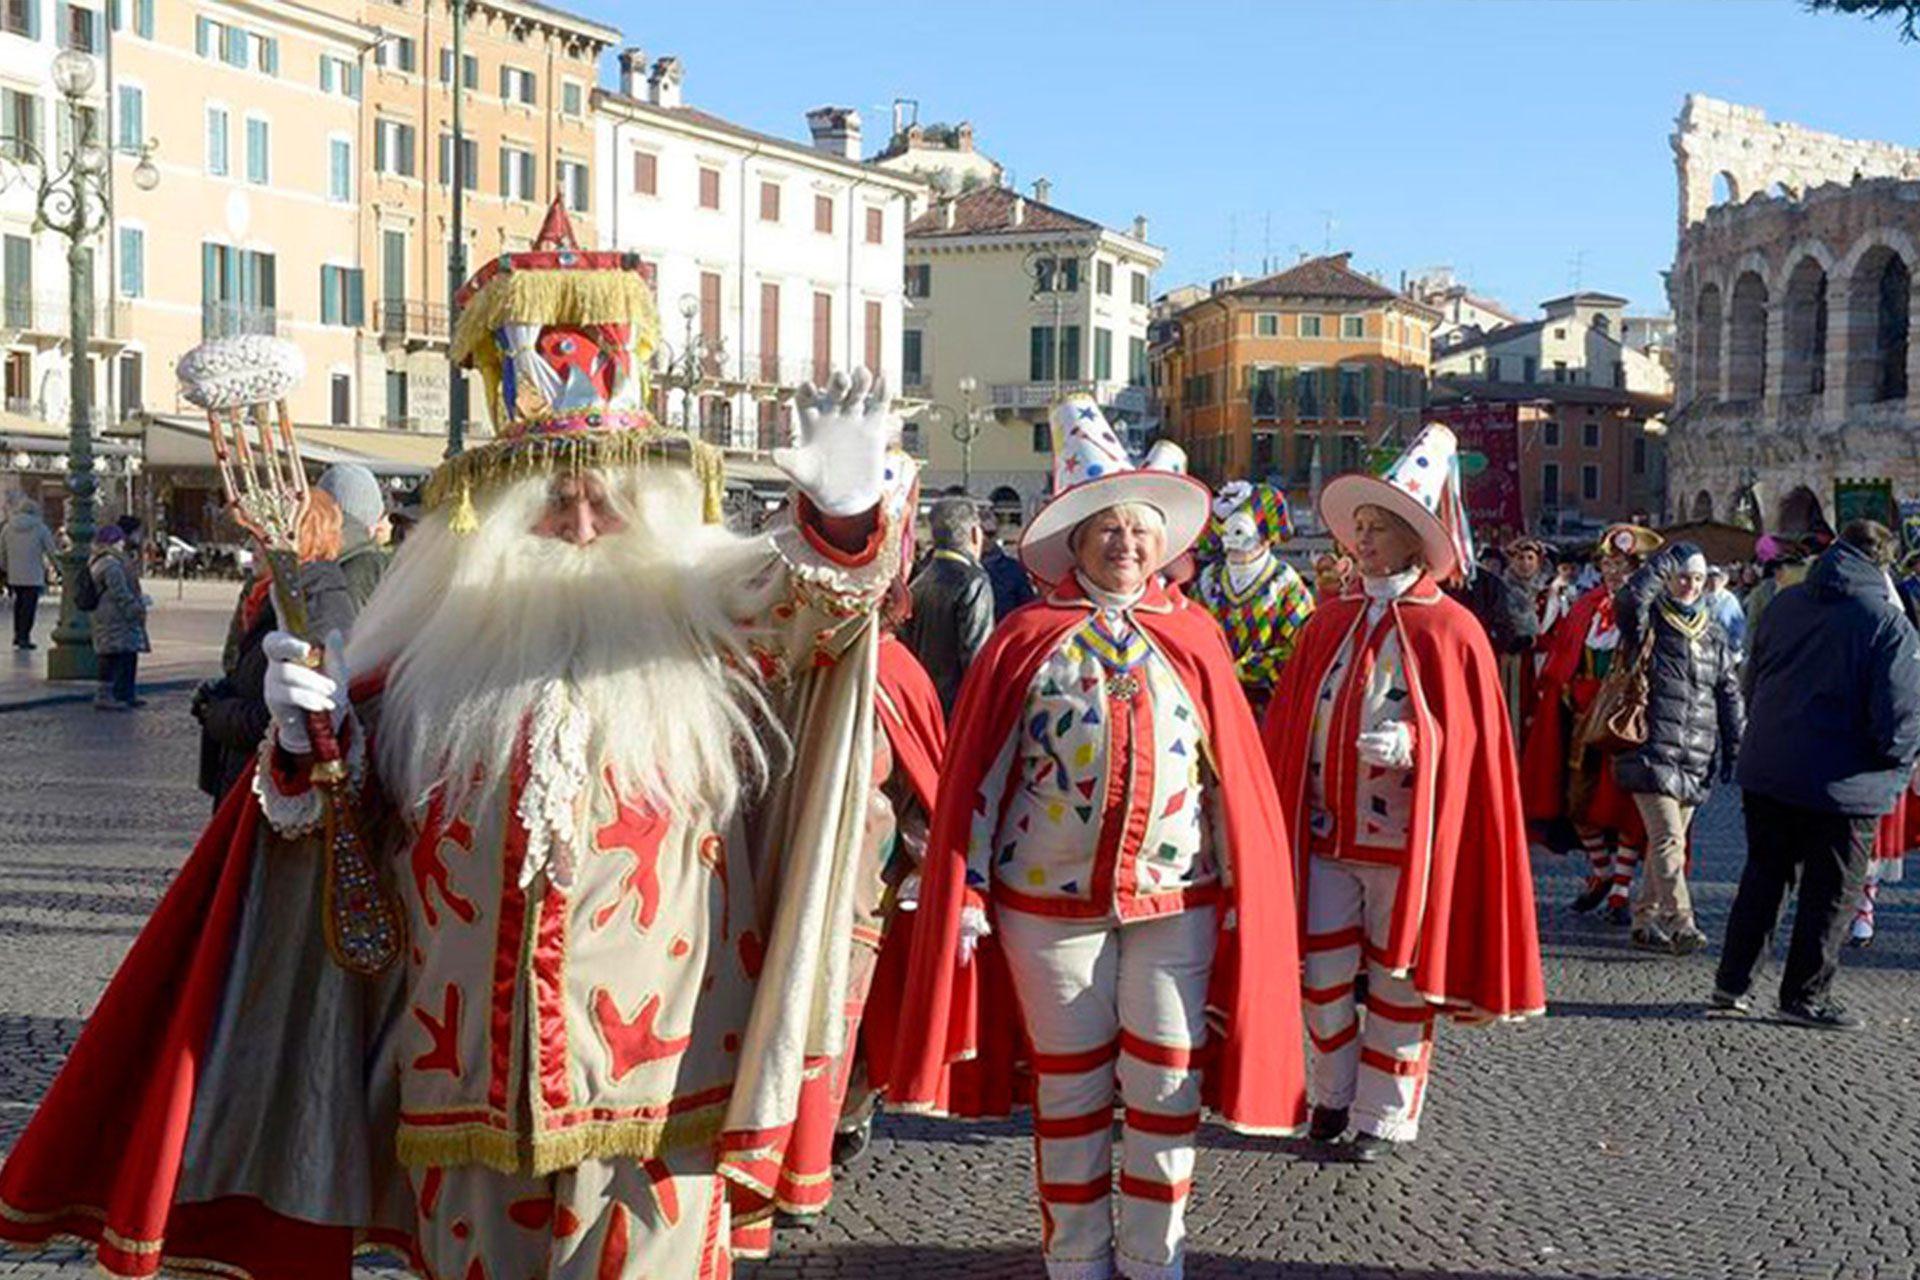 Carnival in Verona